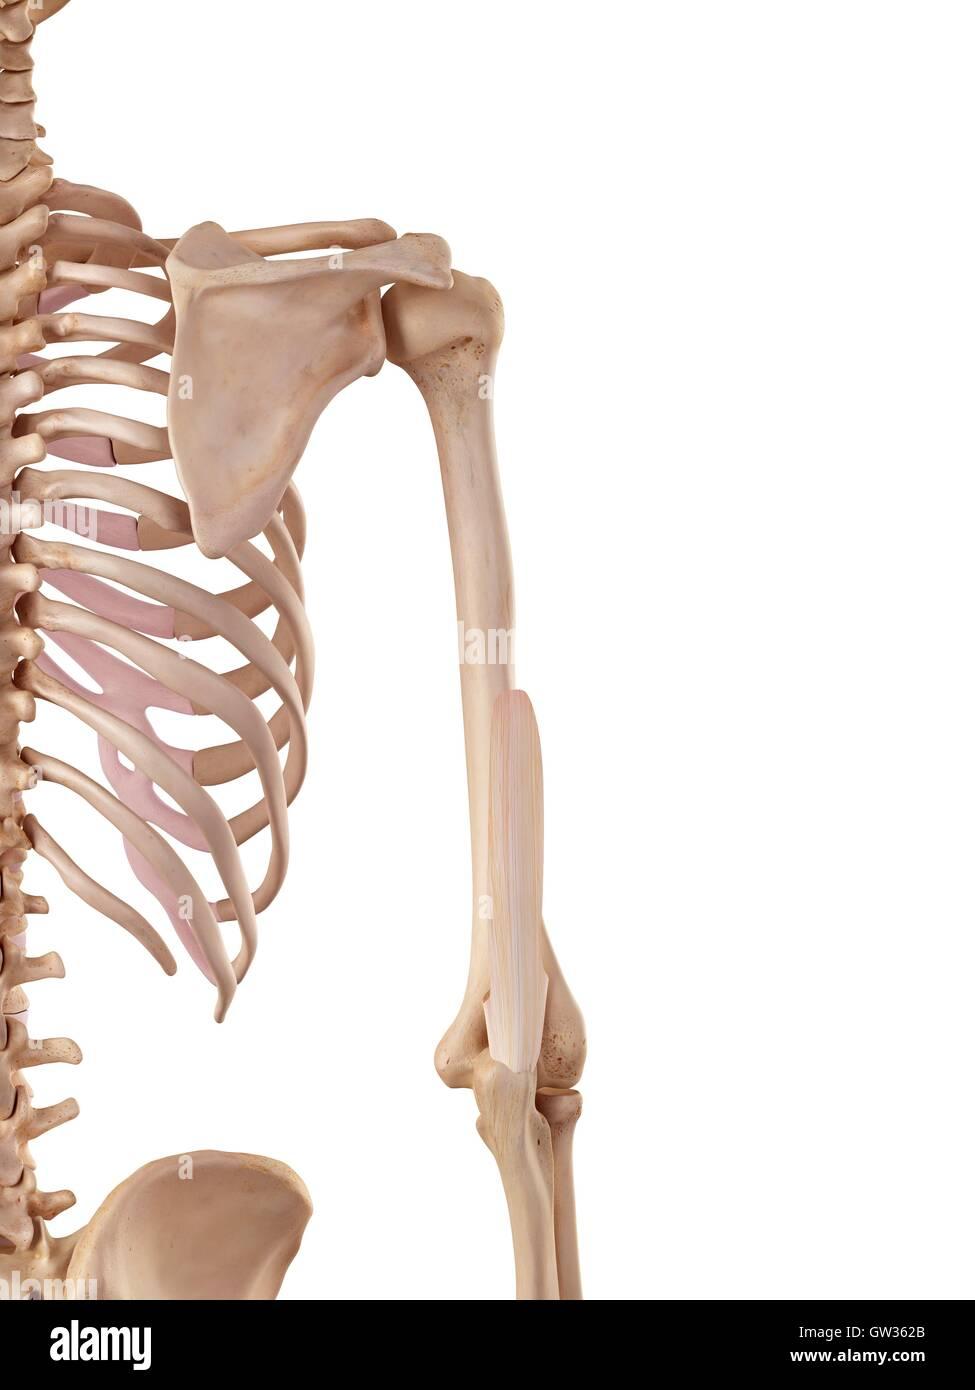 Menschlichen Trizeps sehnen, Abbildung Stockfoto, Bild: 118699235 ...